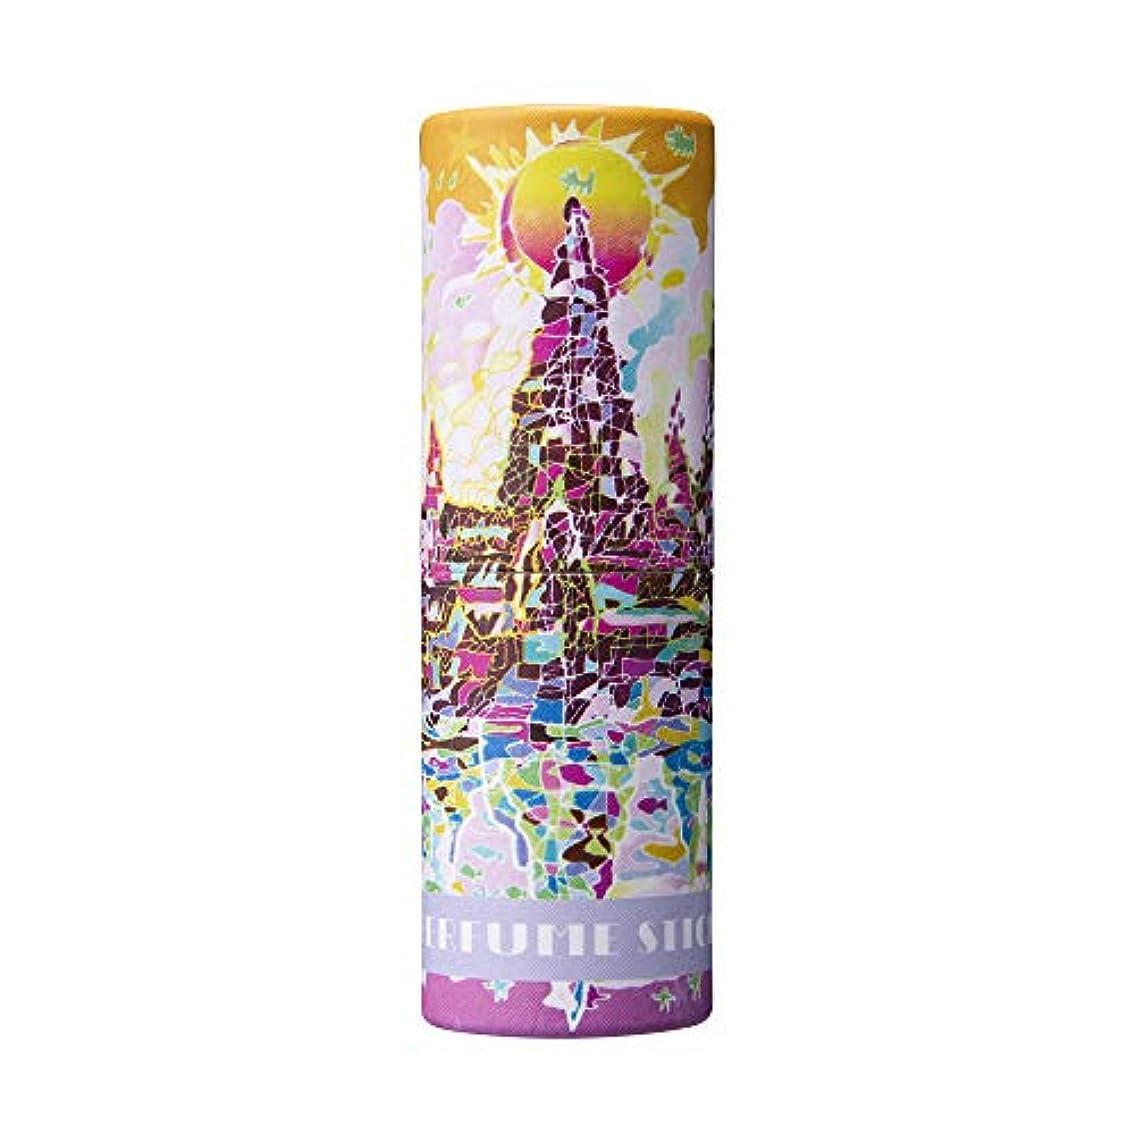 憤るスマイル芸術パフュームスティック ドリーム ペア&ピーチの香り 世界遺産デザイン 5g